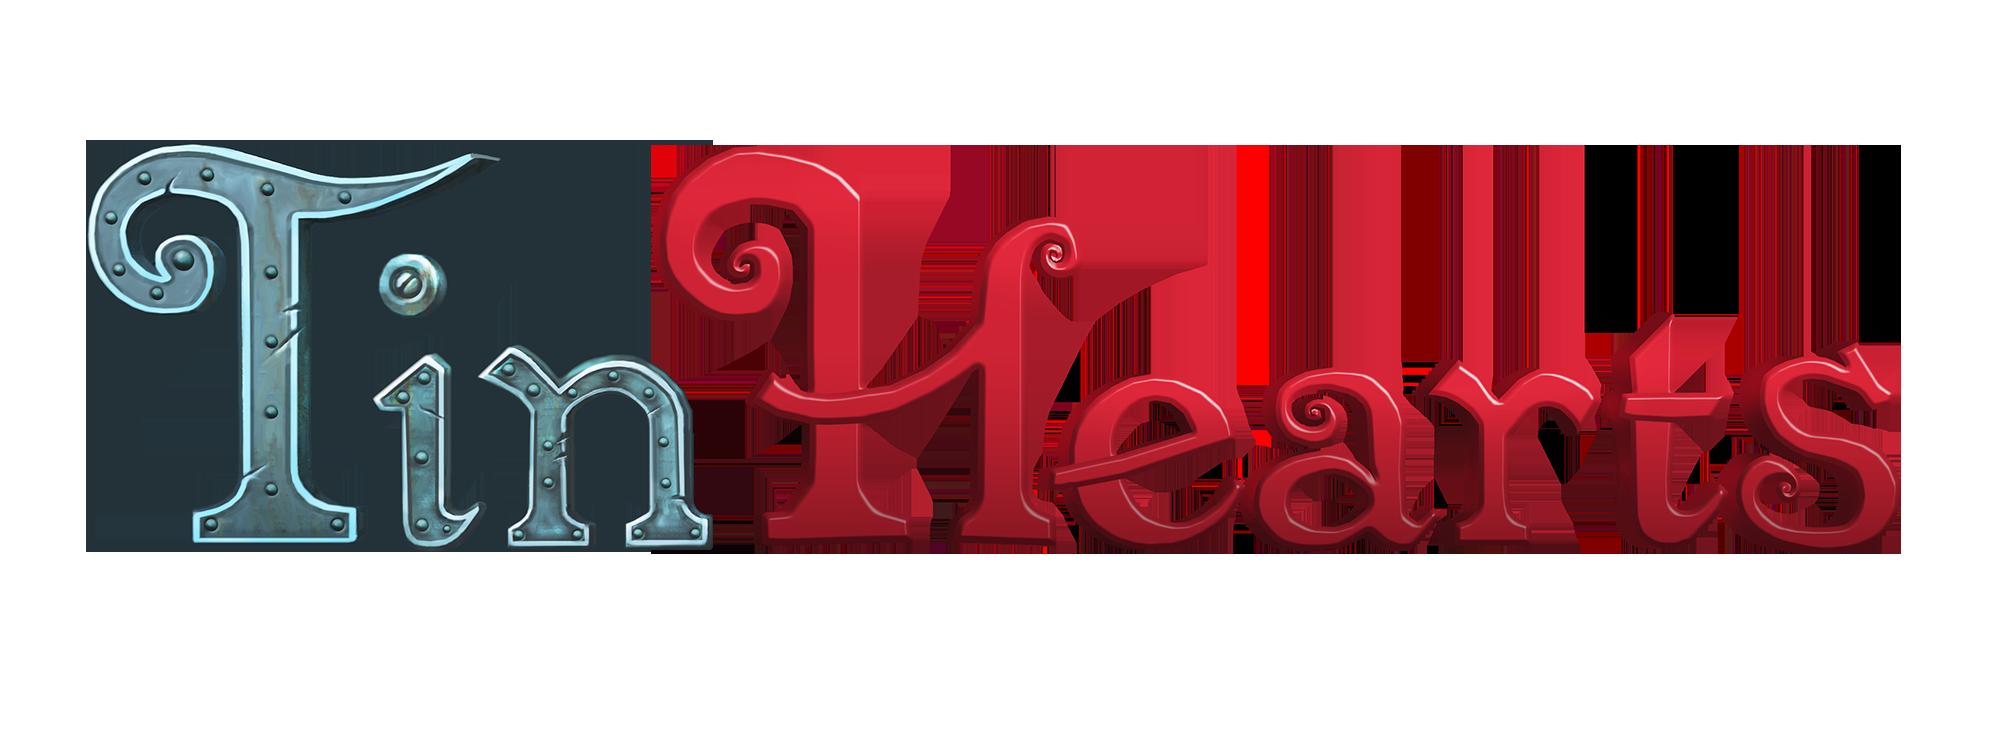 Tin Hearts logo